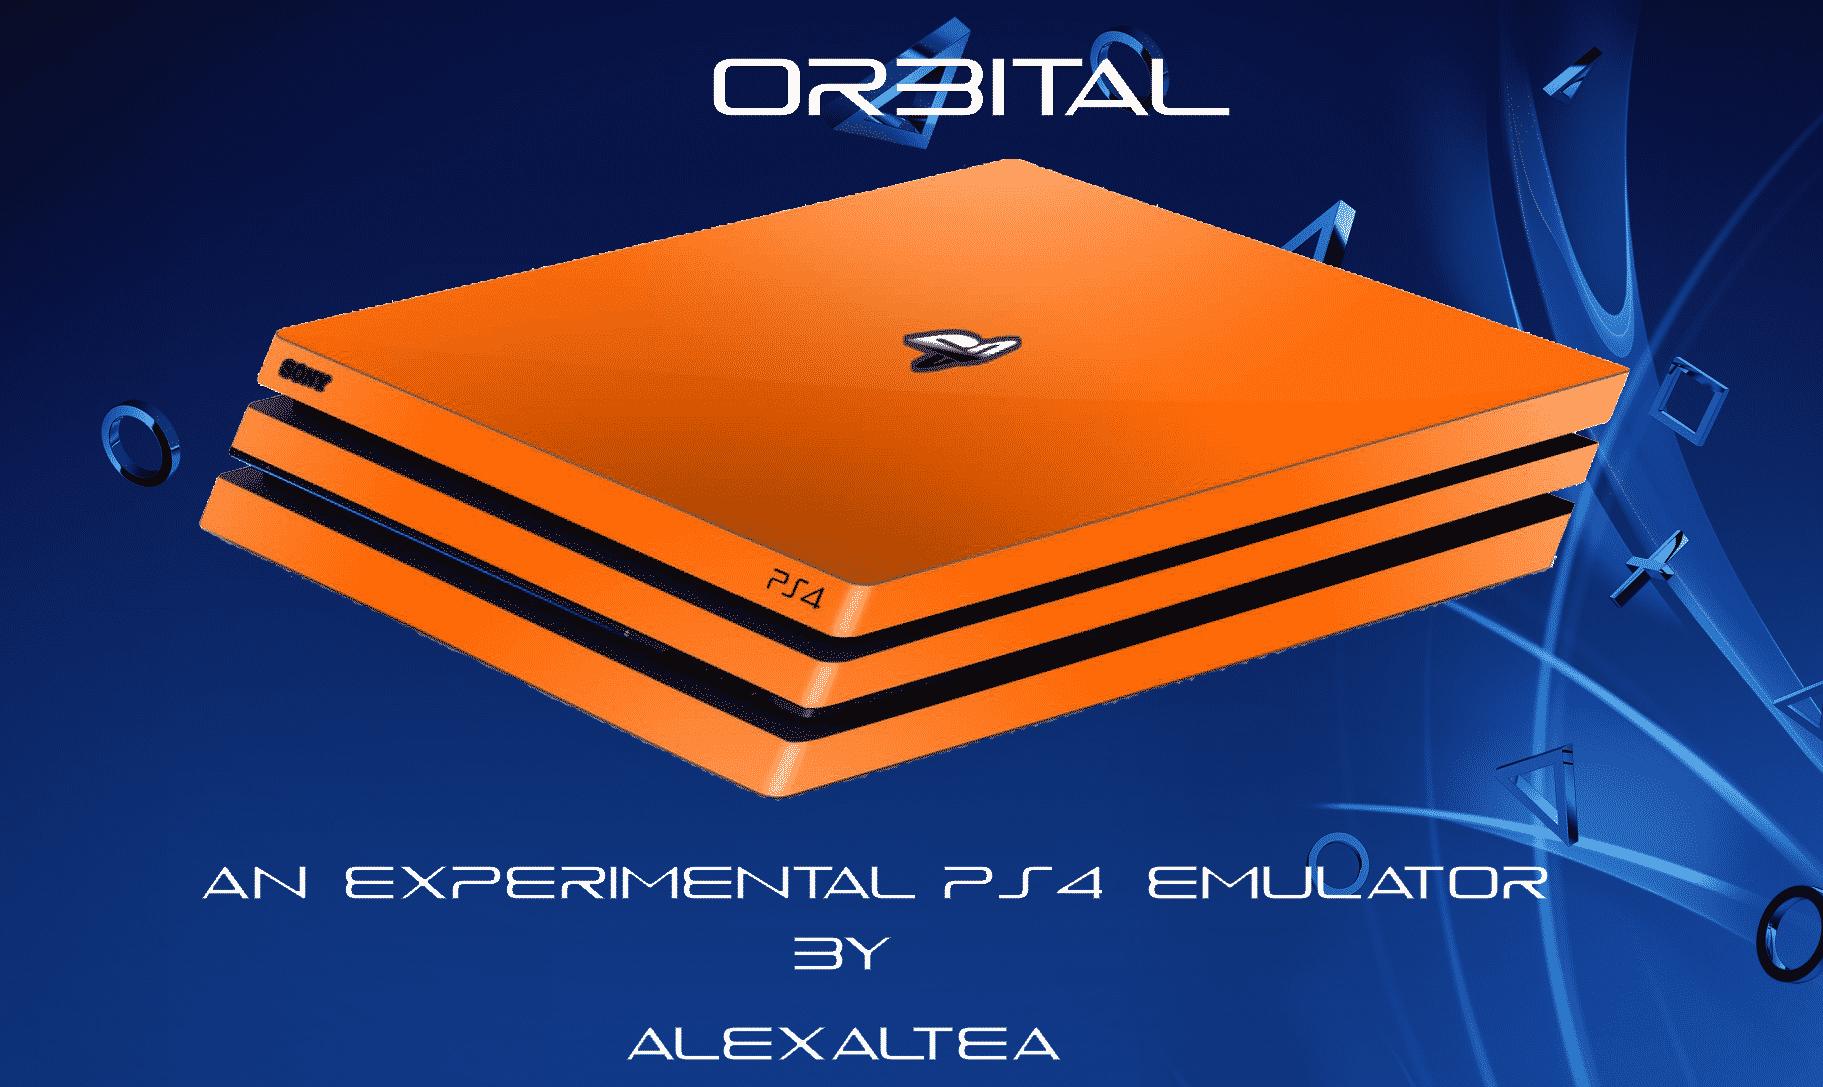 Orbital-PS4-Emulator